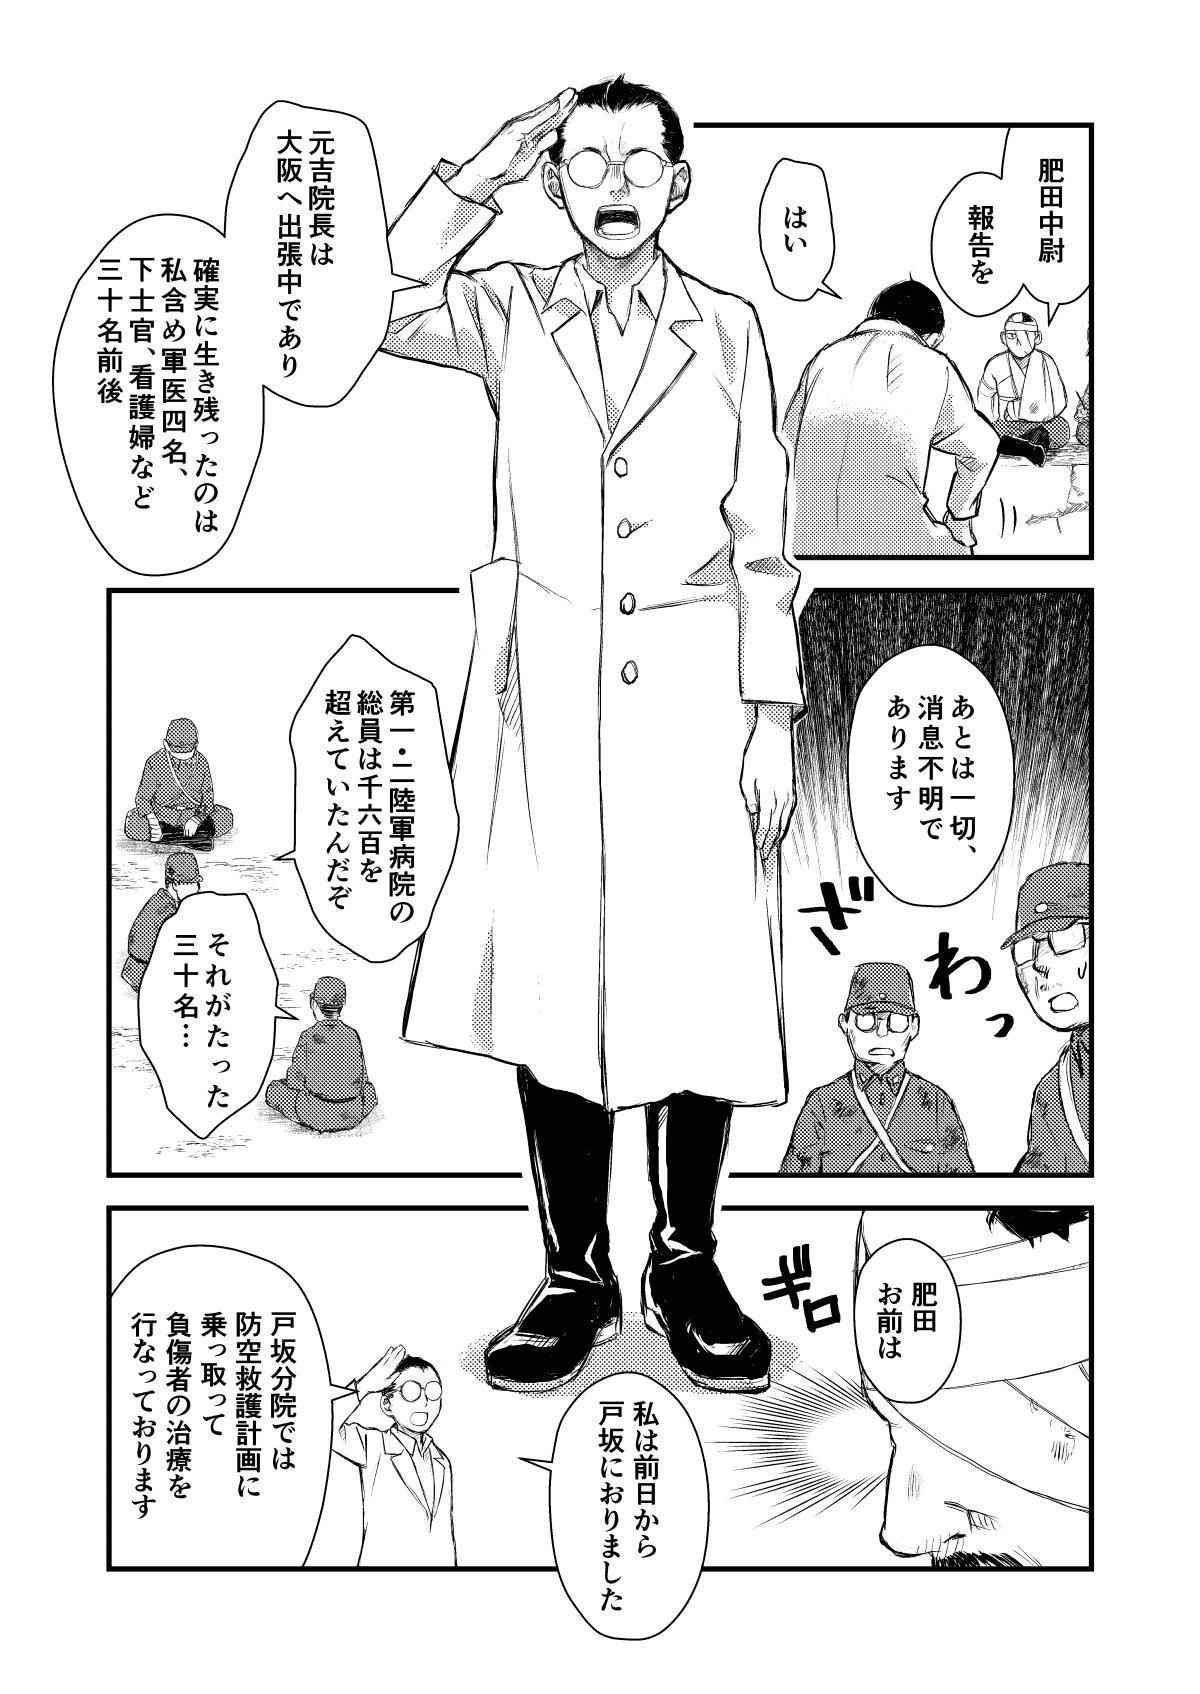 原爆と戦った軍医の話 9話 - ジャンプルーキー!